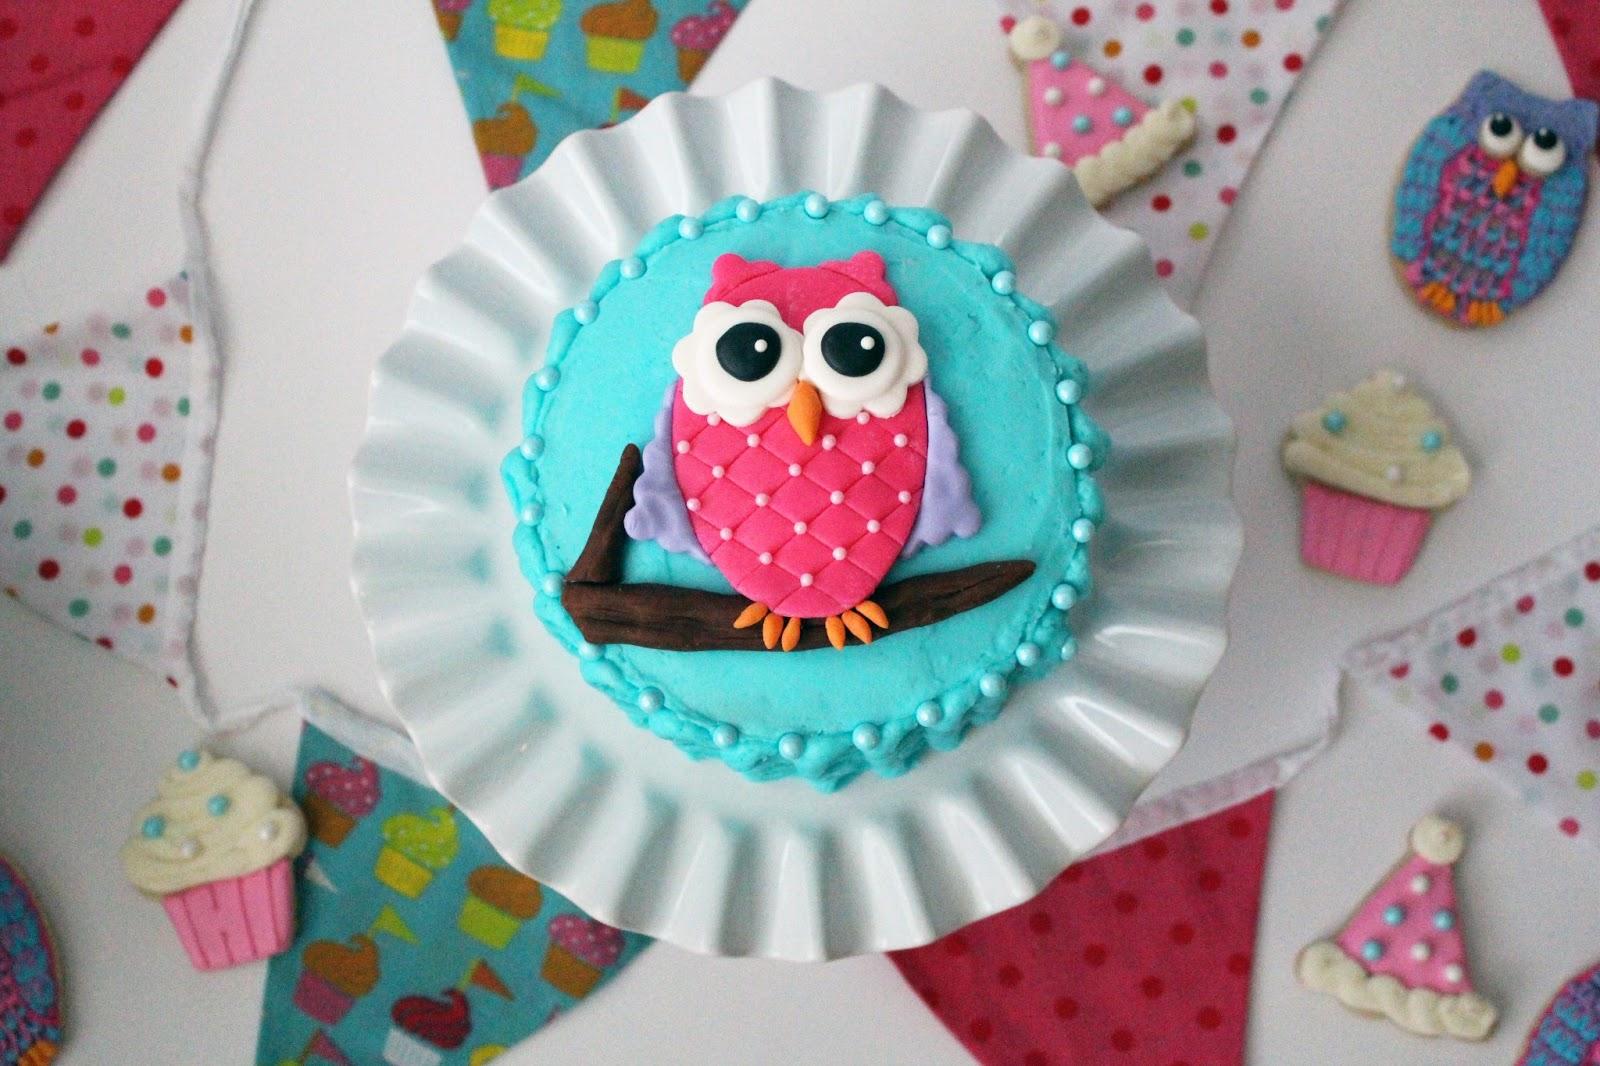 Pink Owl Cake Recipe